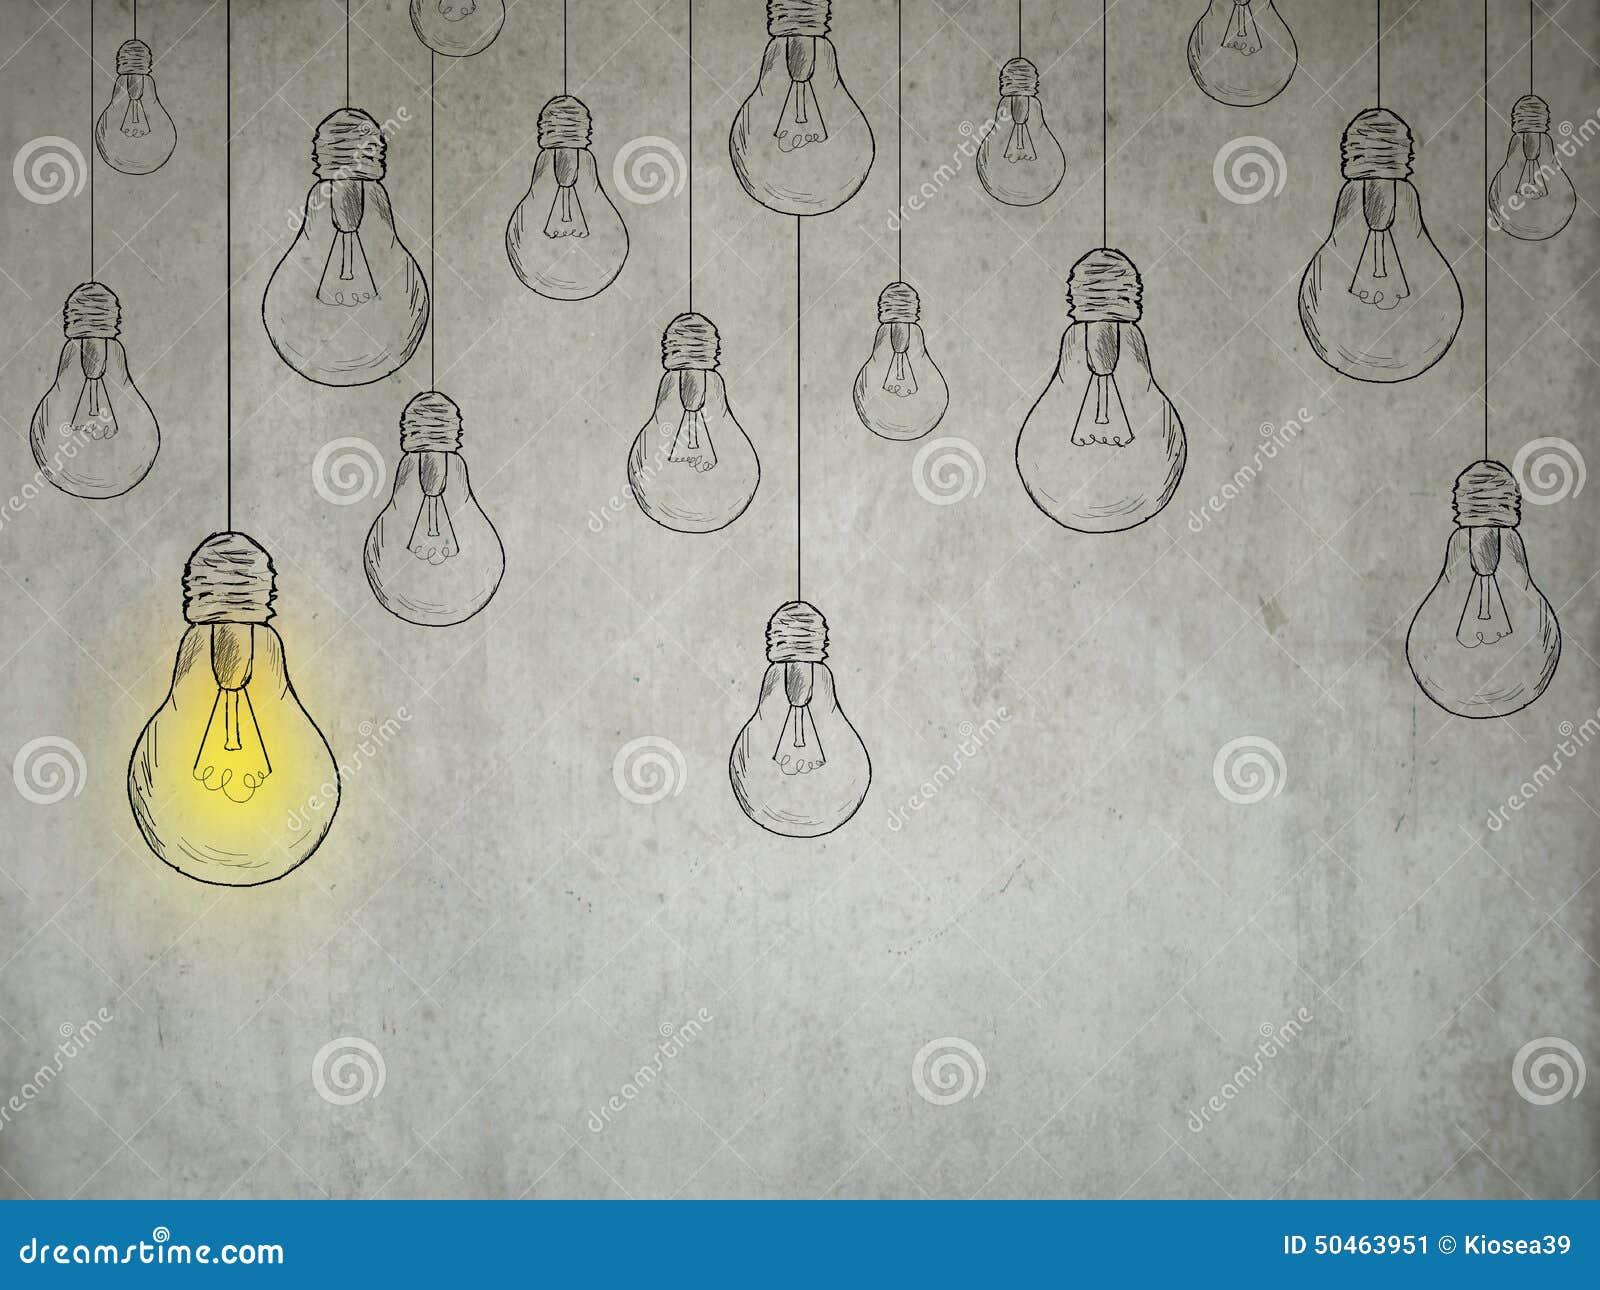 Idea concept with light bulbs